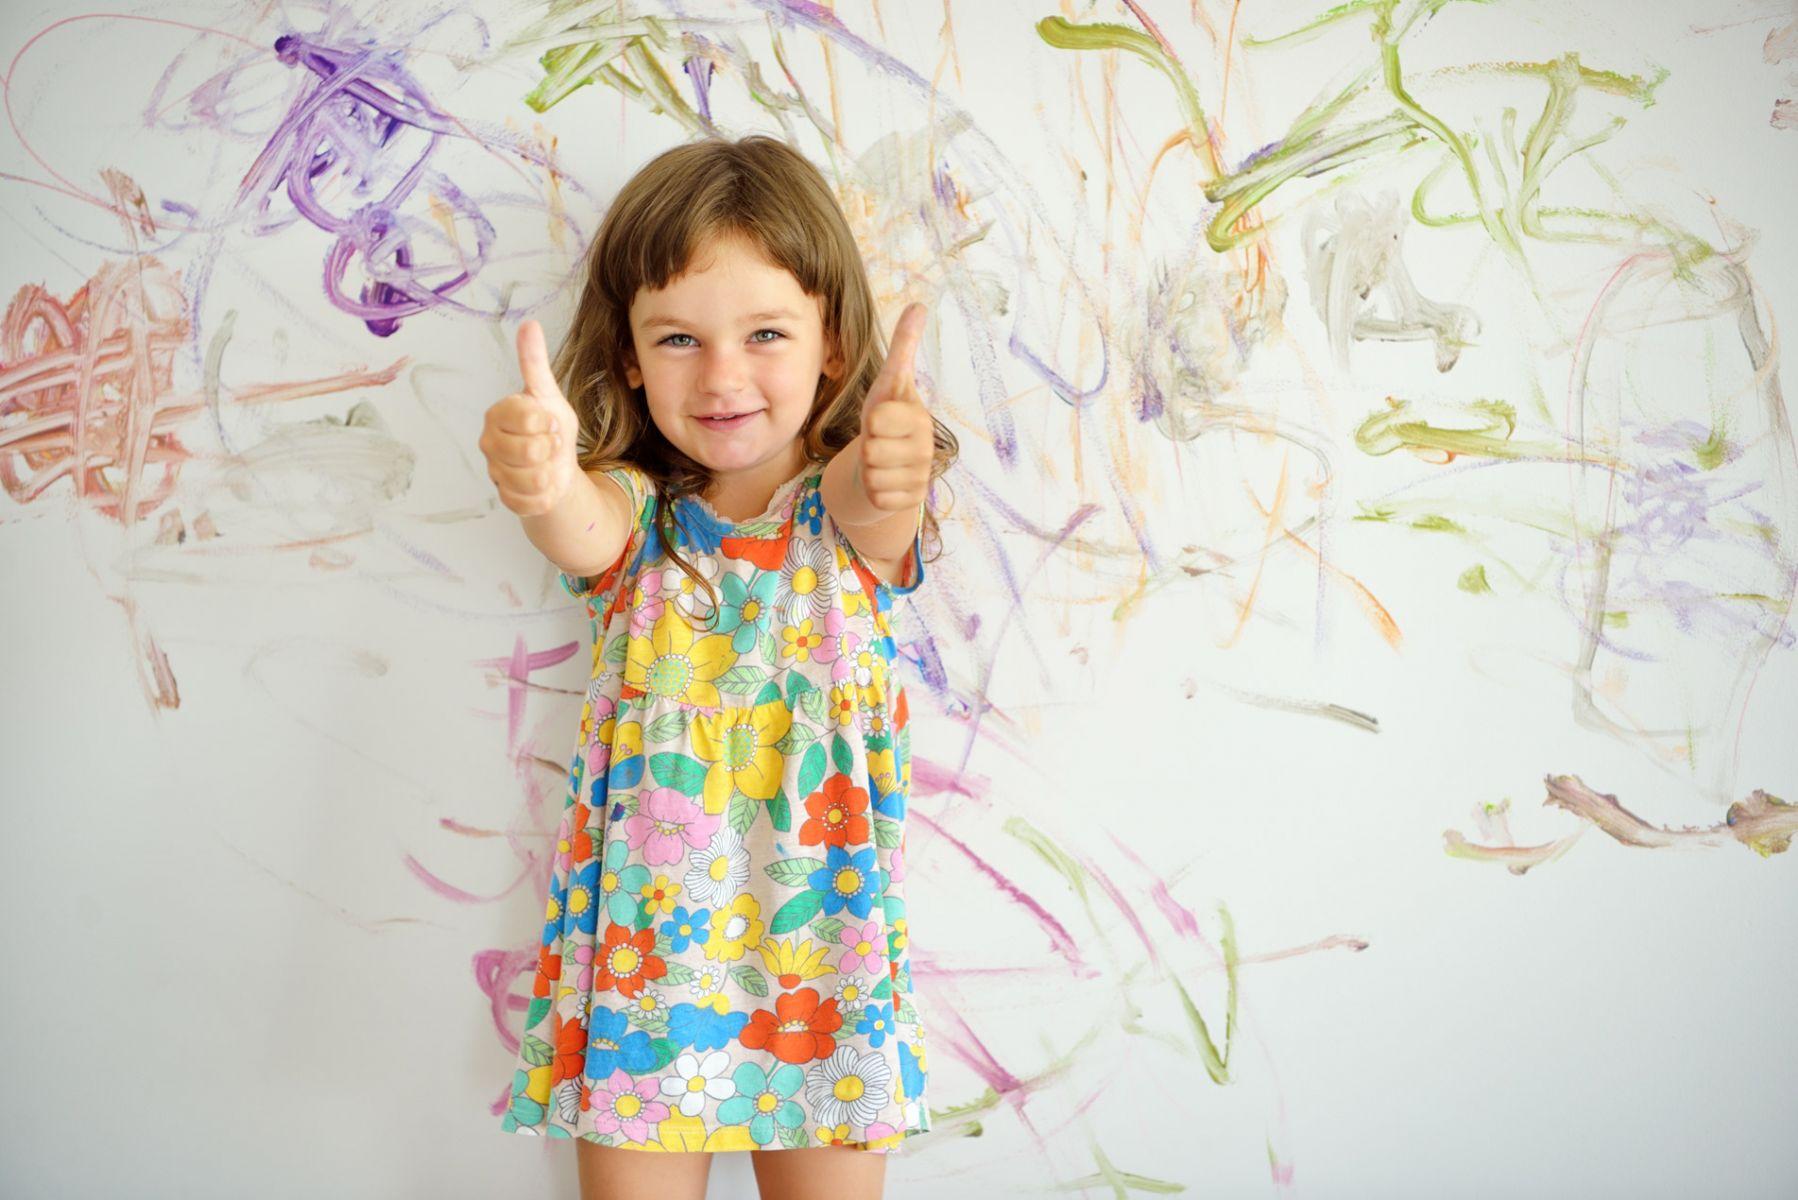 留心孩子的情緒需求,分辨他是想獲得讚美?或關注?